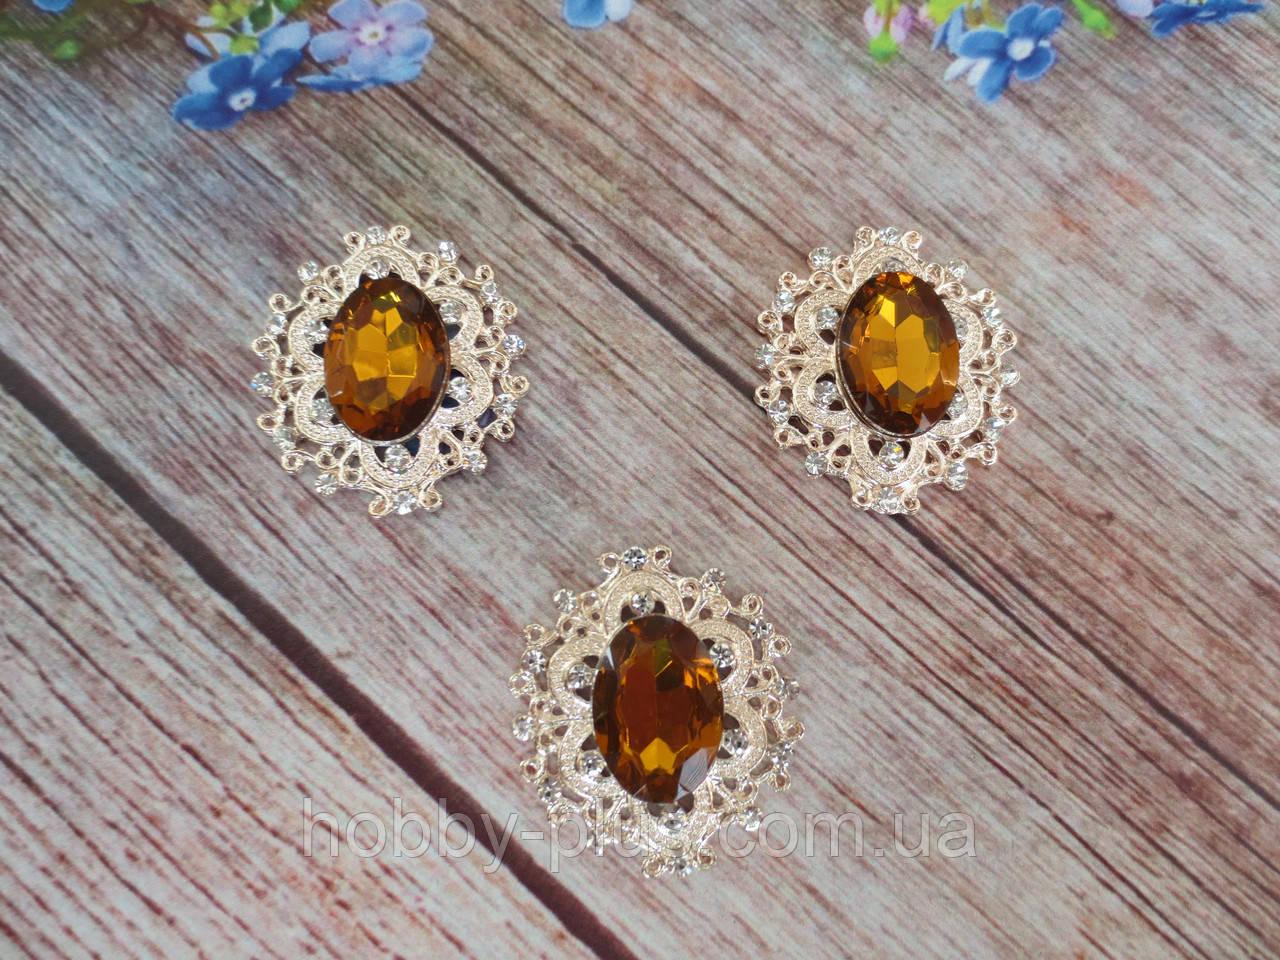 Металевий клейовий декор, 30х32 мм, колір оправи світле золото, колір каменю янтарний, 1 шт